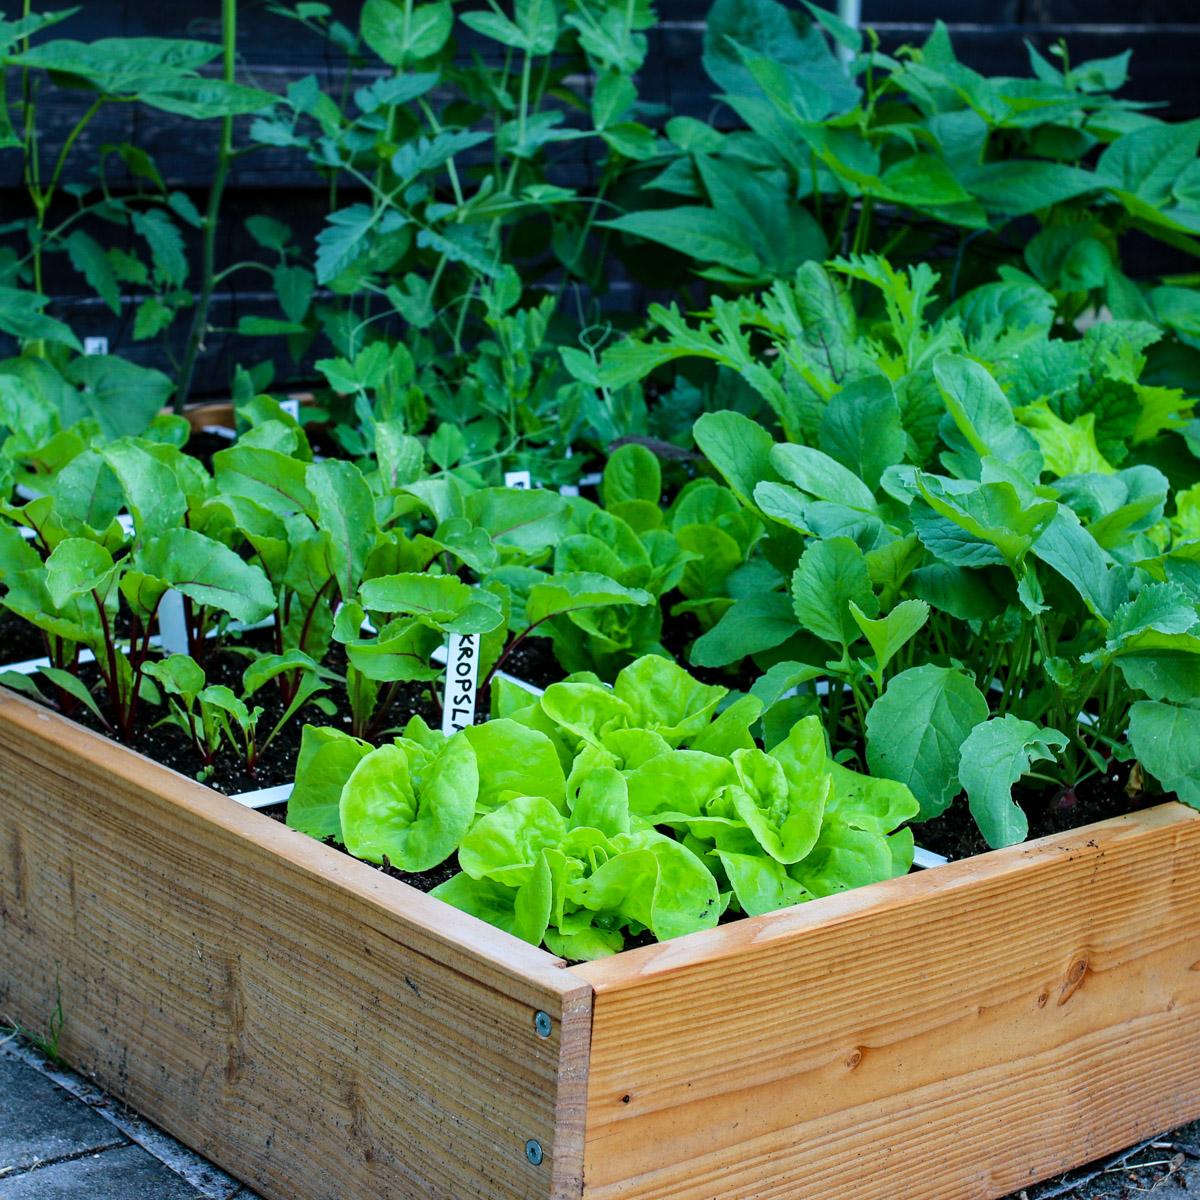 blog-july:-summer-in-the-veg-garden13.jpg